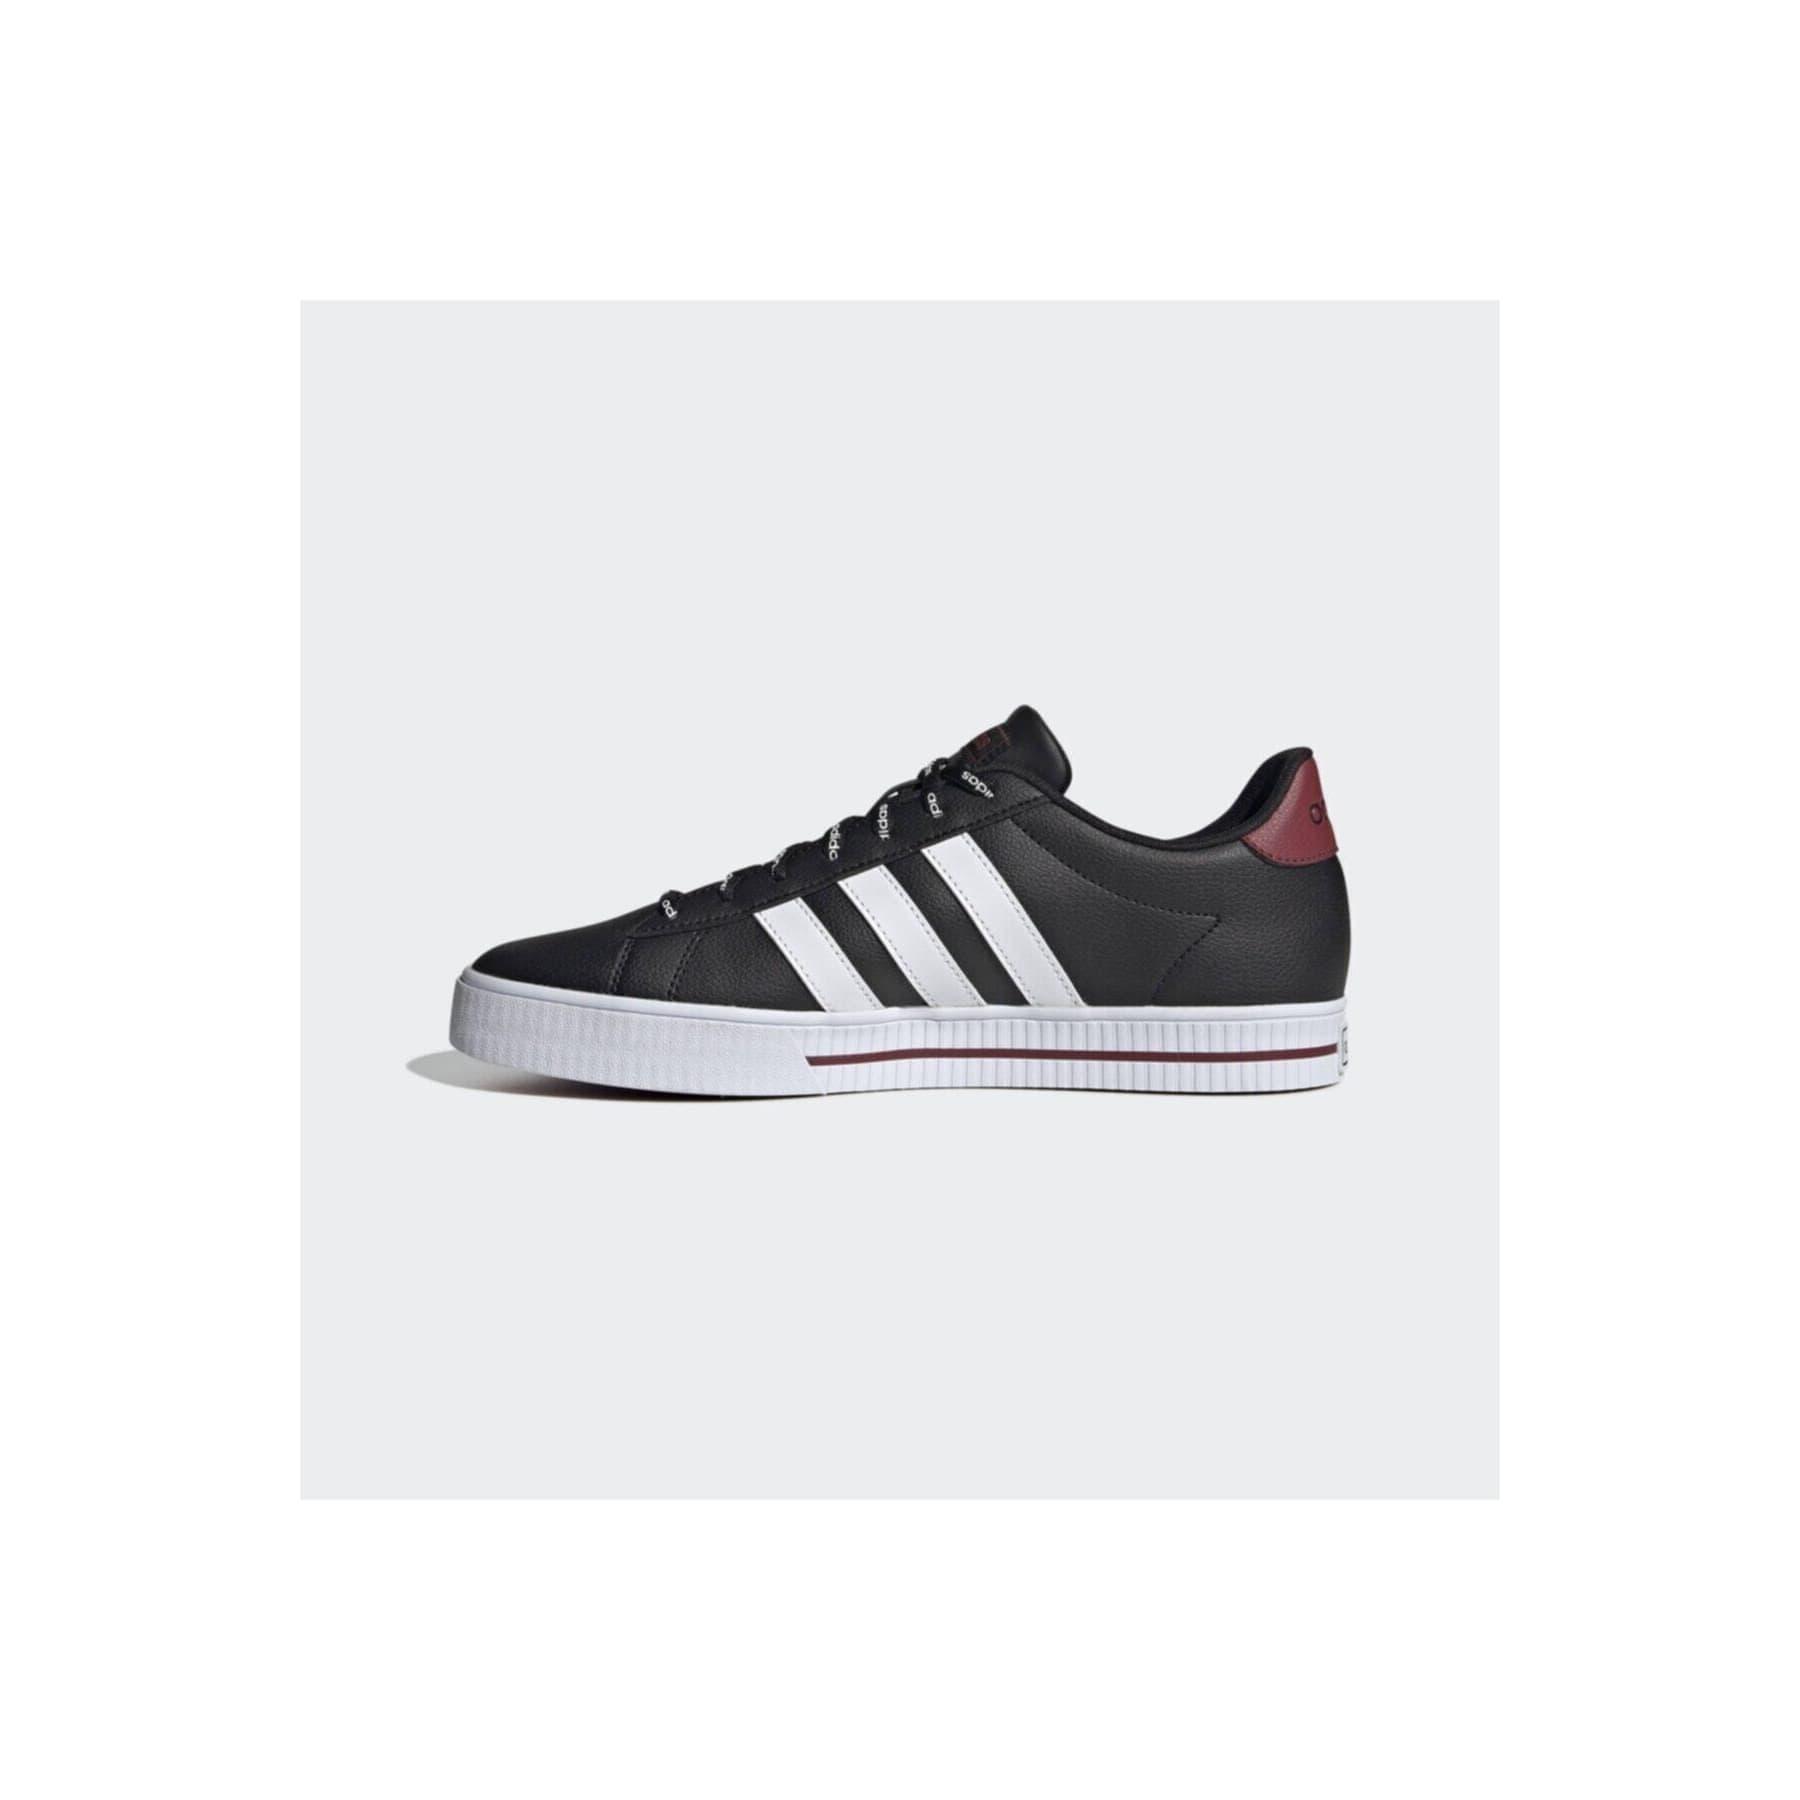 Daily 3.0 Erkek Siyah Spor Ayakkabı (FW6668)